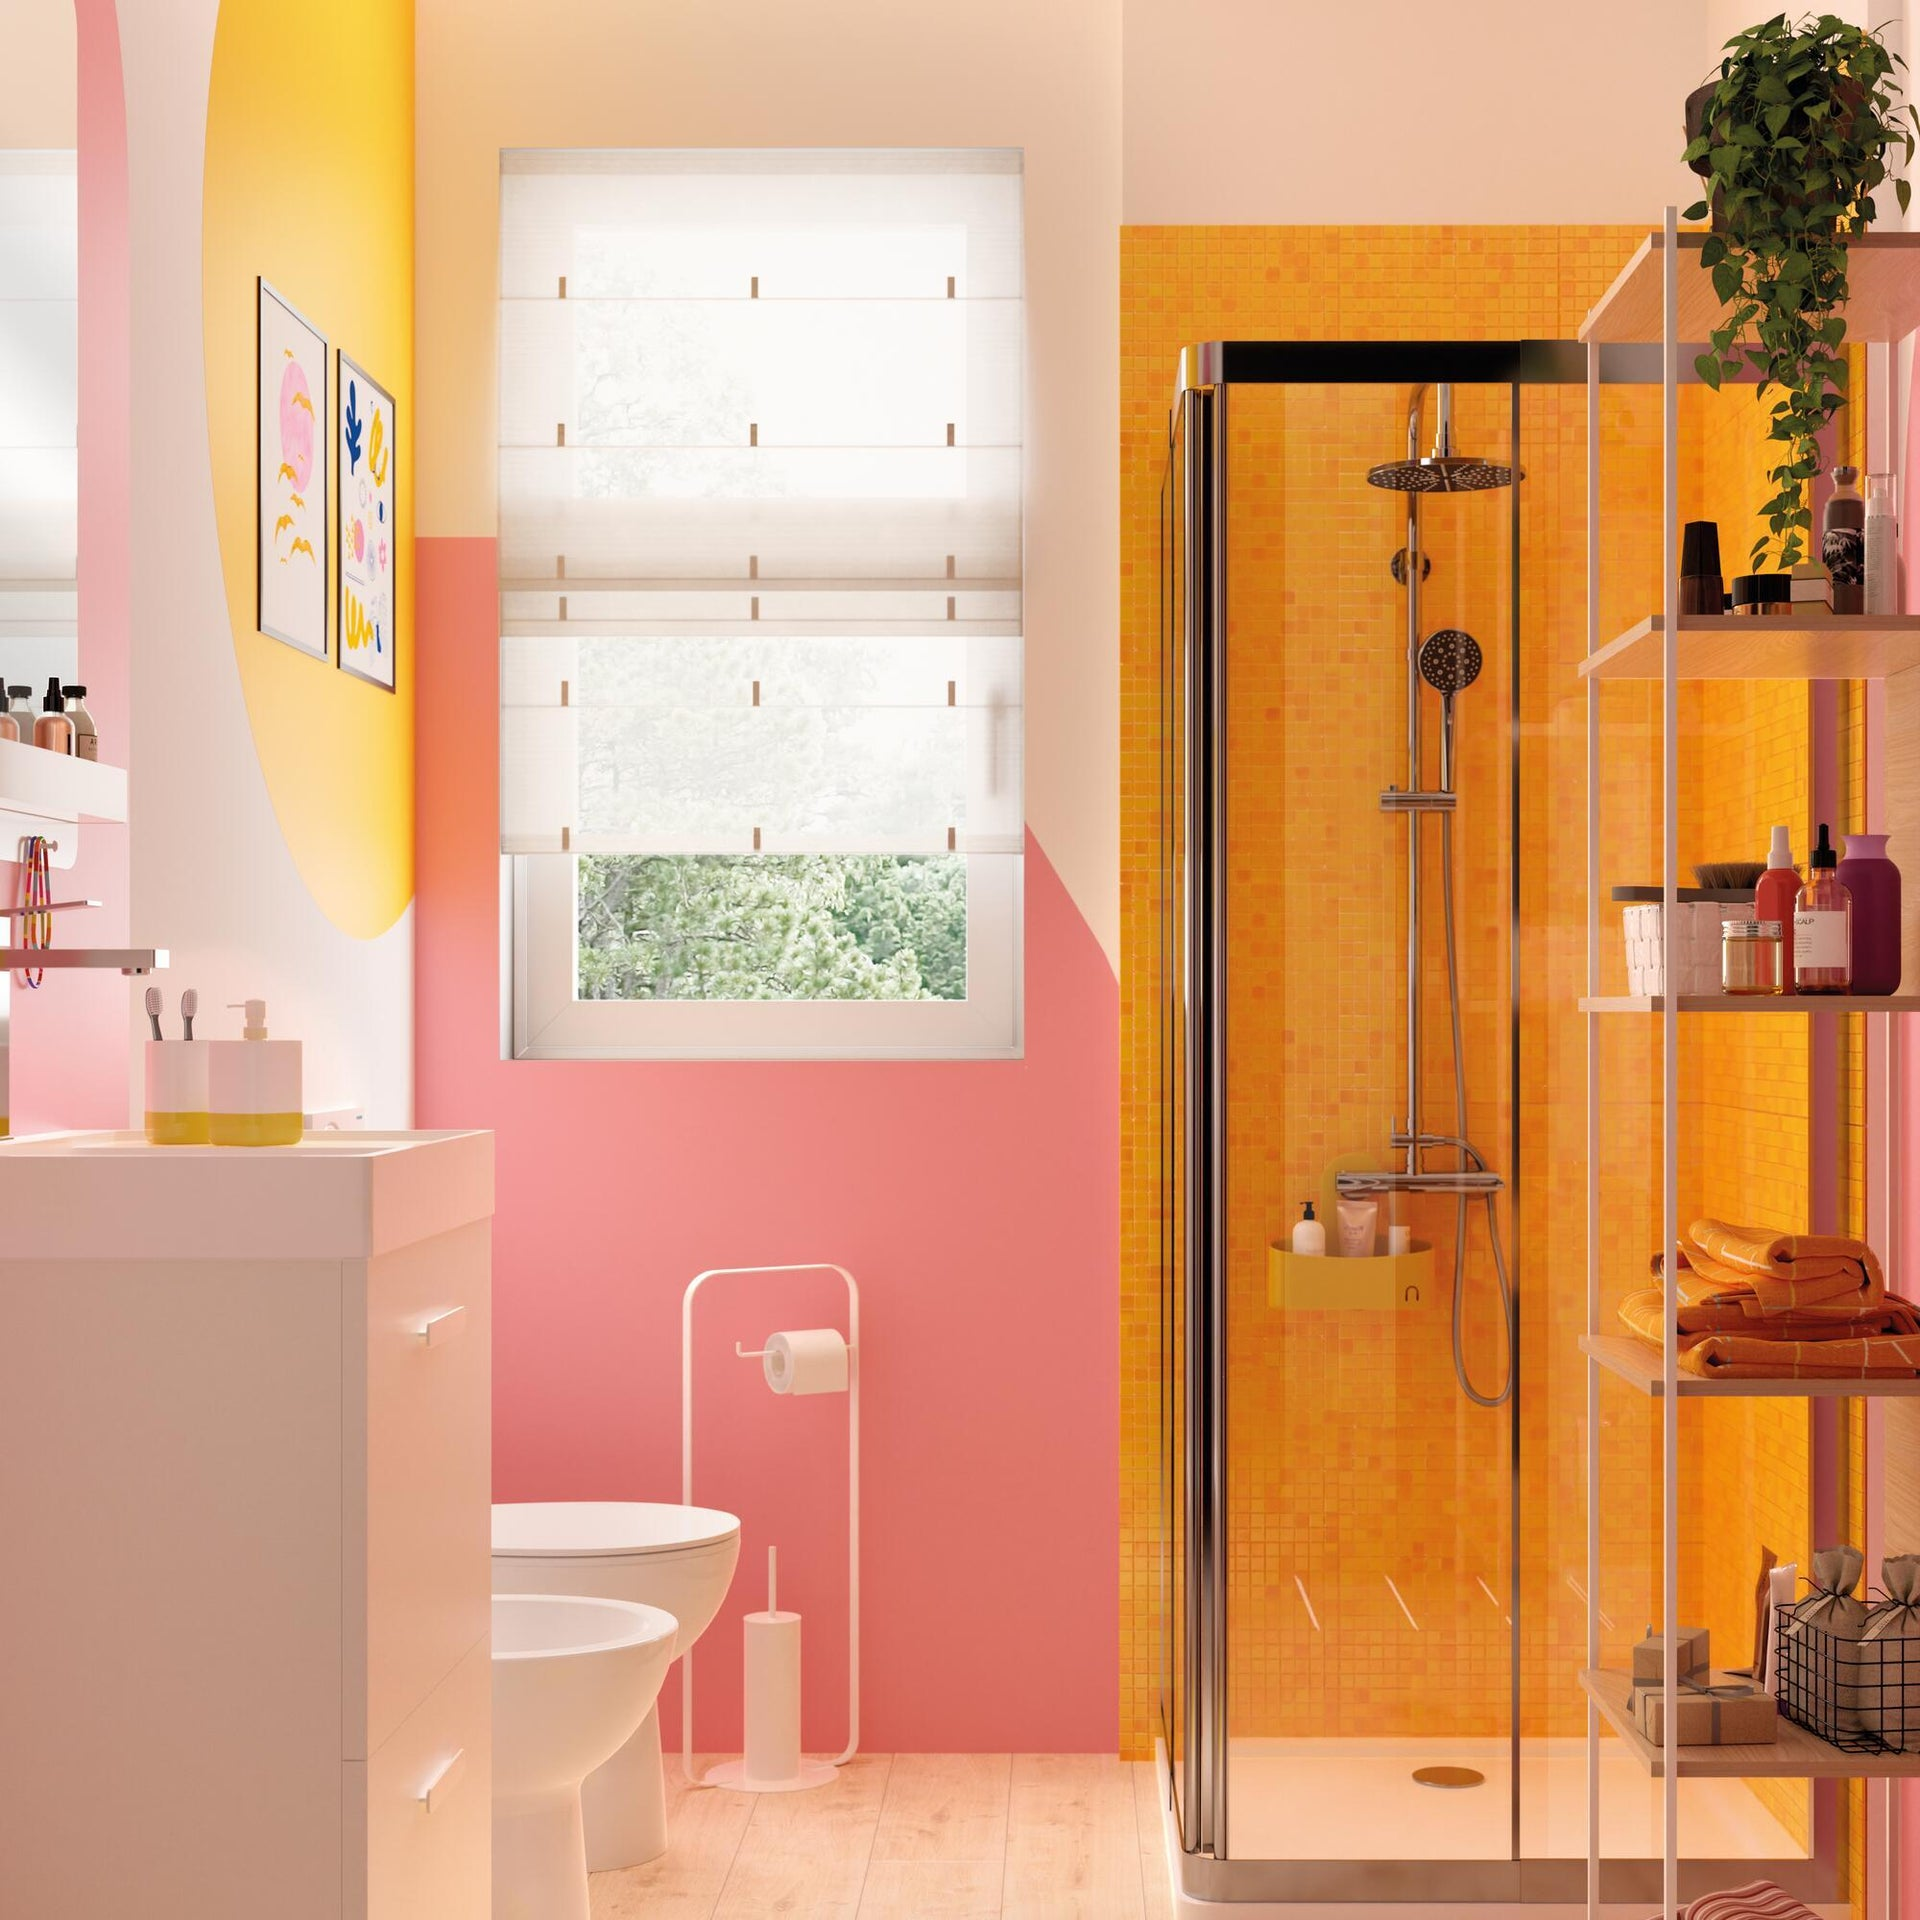 Piatto doccia resina sintetica e polvere di marmo Easy 80 x 80 cm bianco - 5